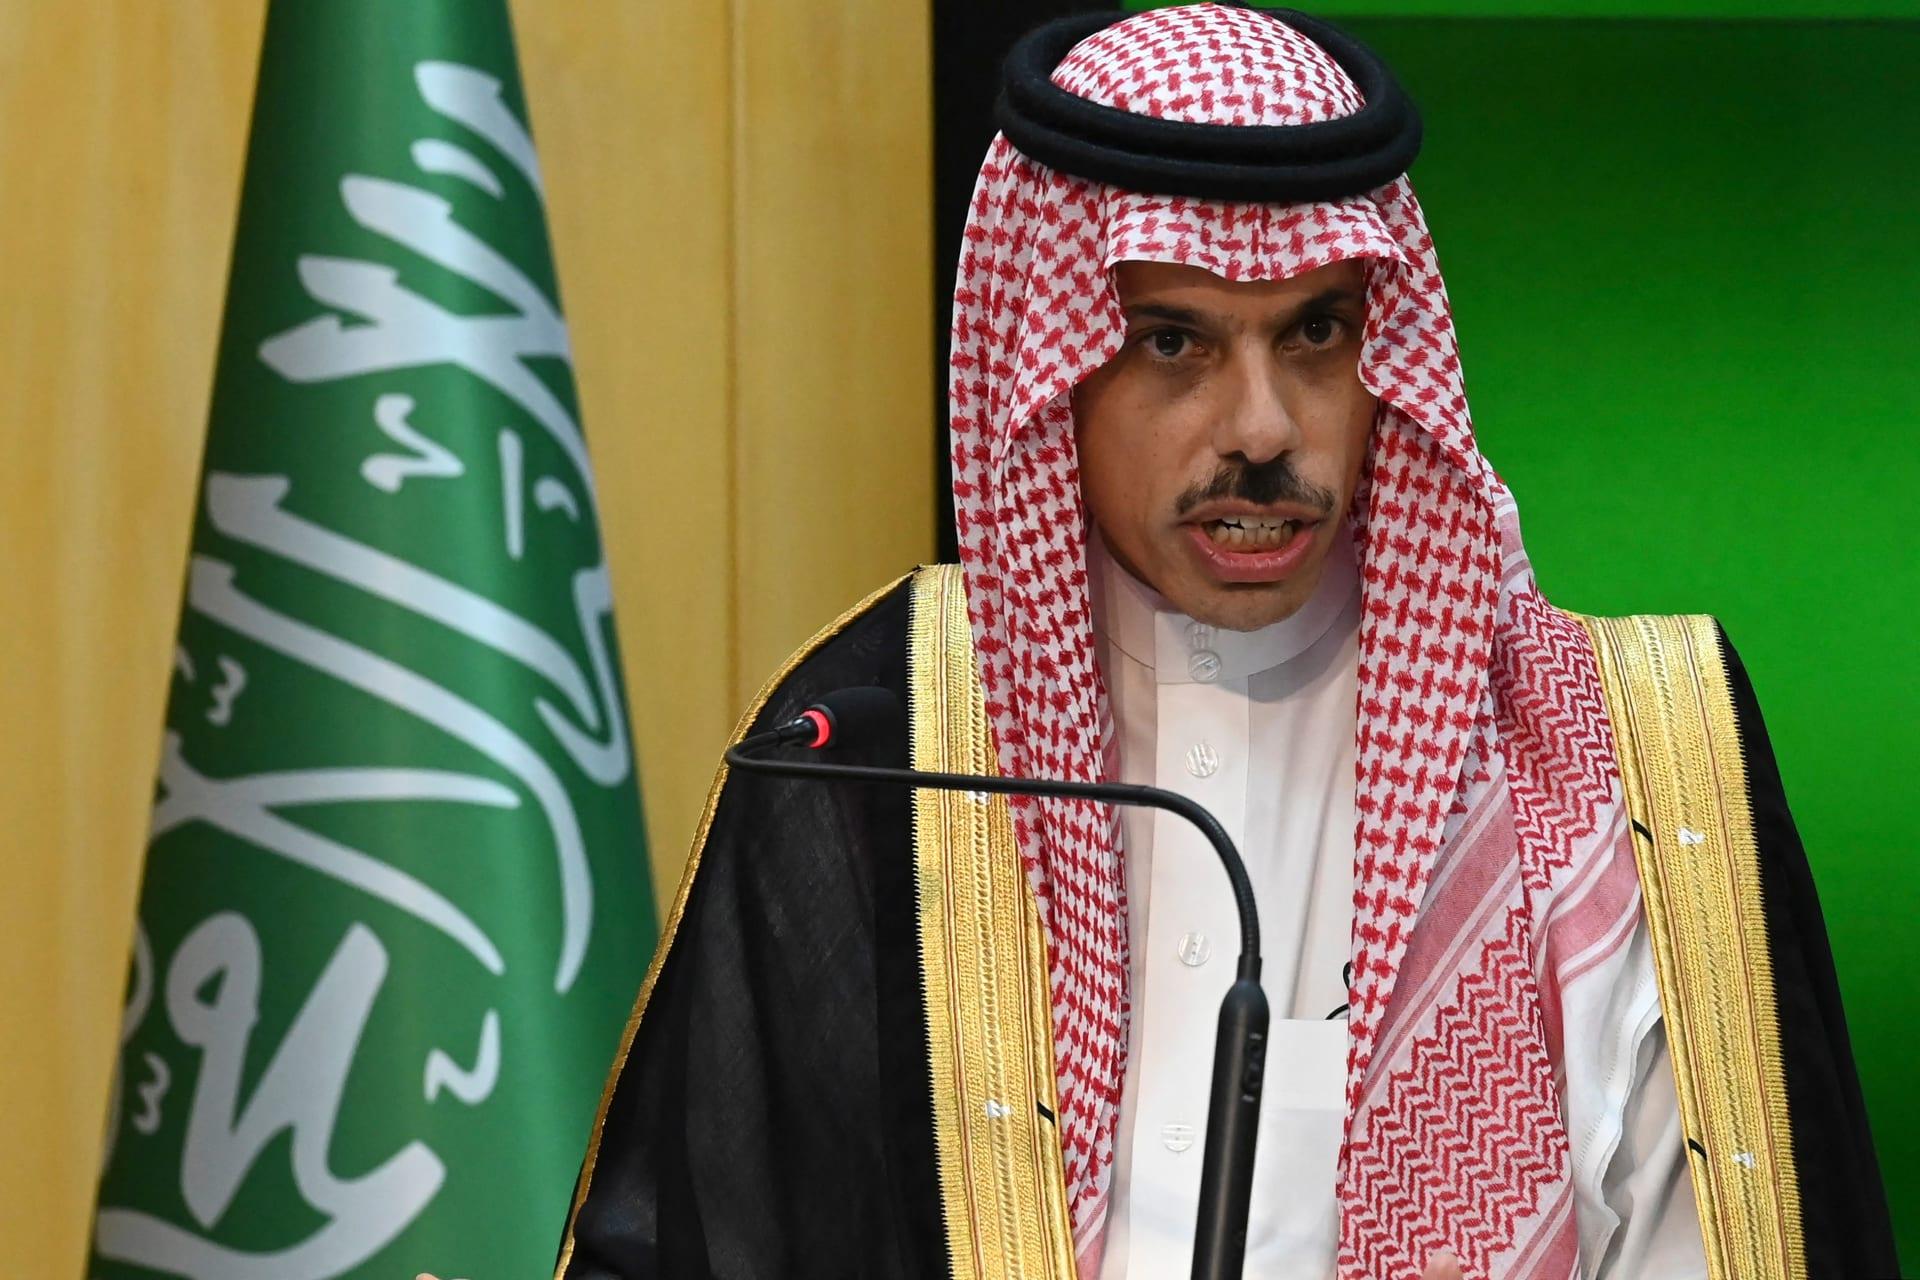 وزير الخارجية السعودية: لن نتردد بالرد على اعتداءات الحوثيين بالشكل المناسب